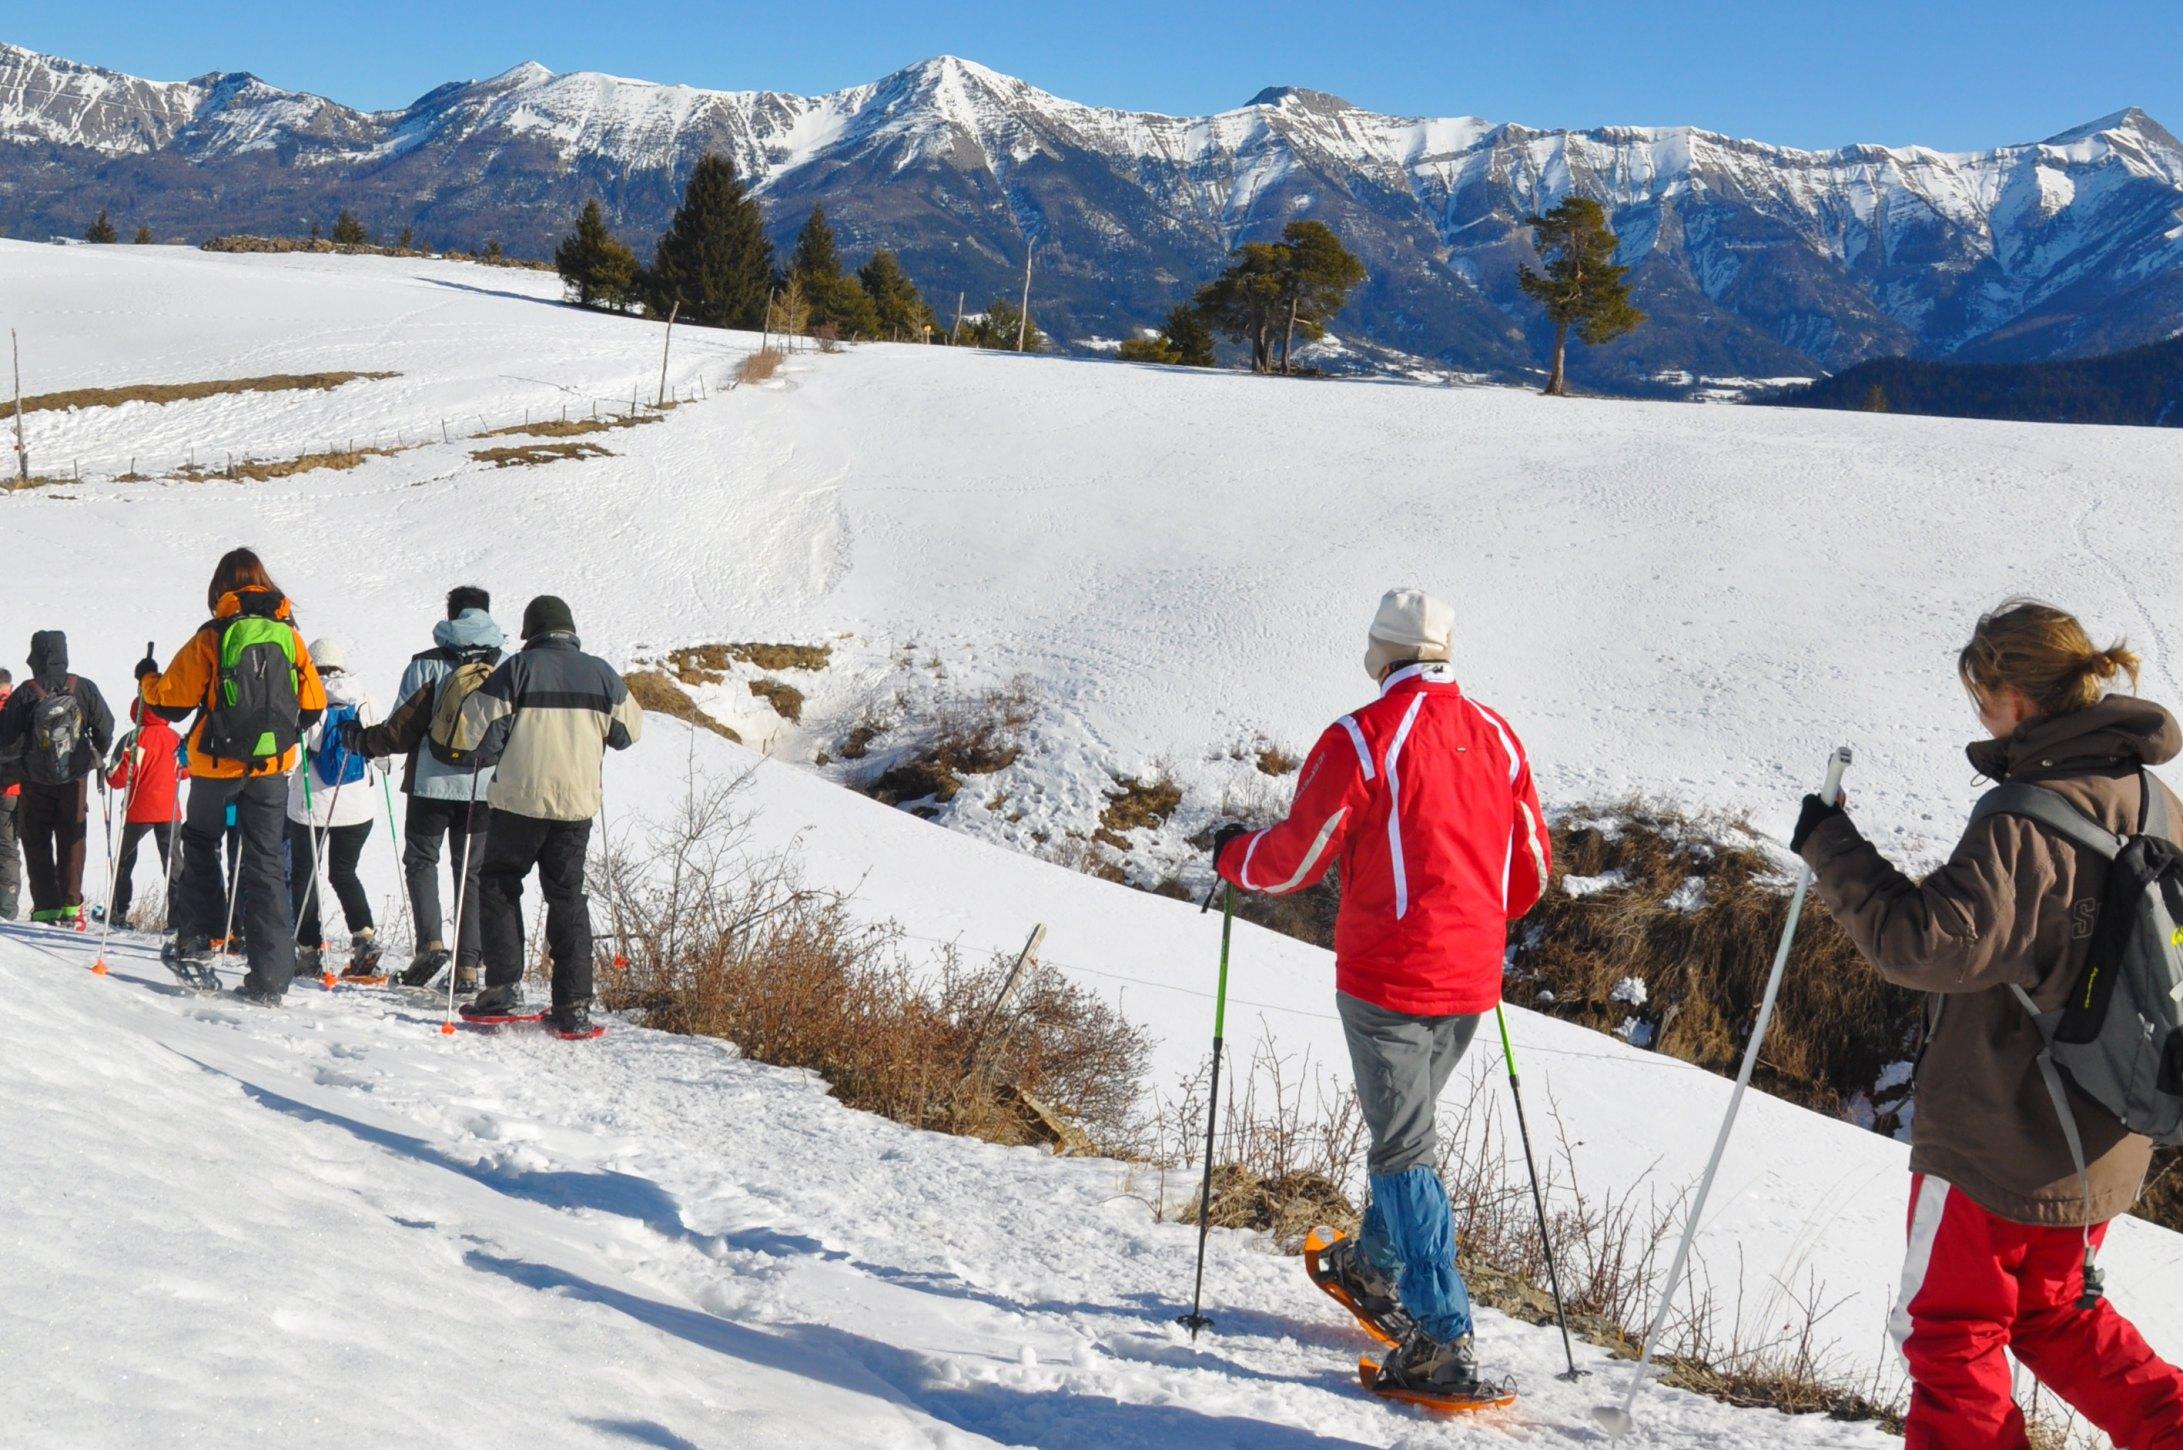 Domaine nordique du fanget alpes de haute provence tourisme - Office tourisme montgenevre hautes alpes ...